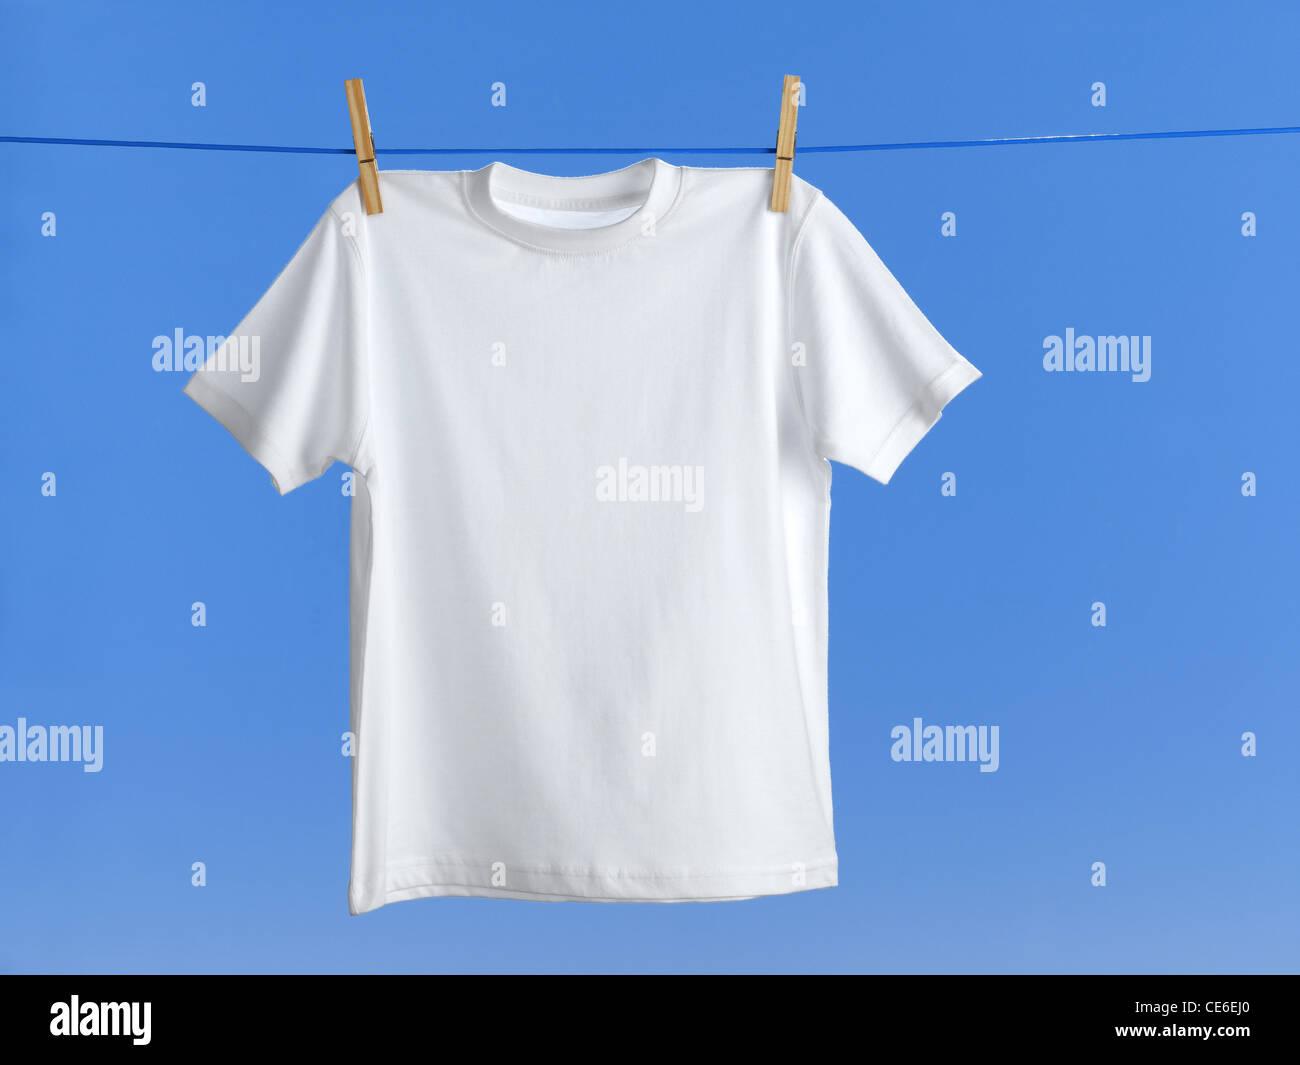 T-Shirt auf der Wäscheleine Stockbild